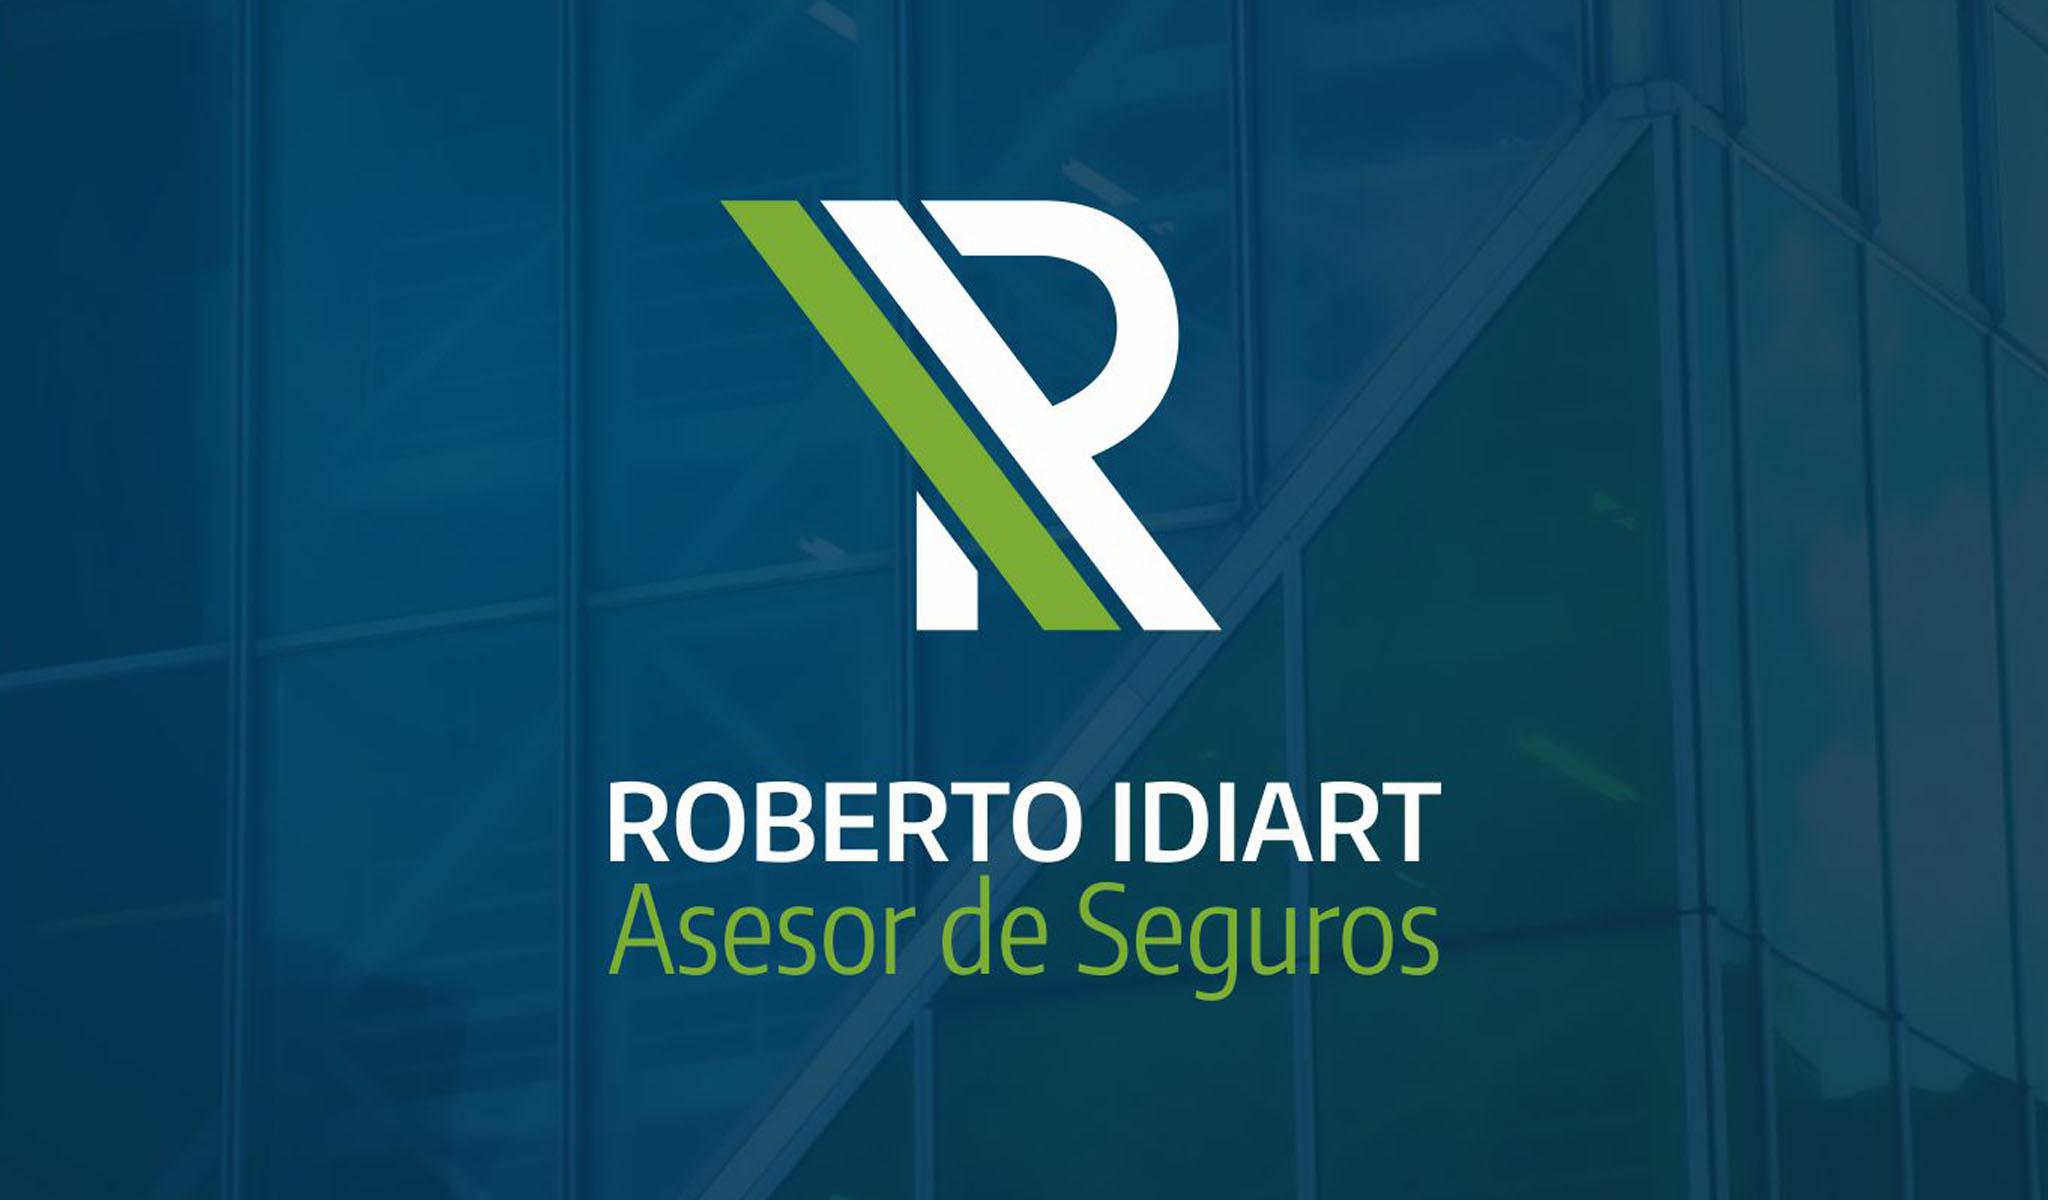 Roberto Idiart Asesor de Seguros